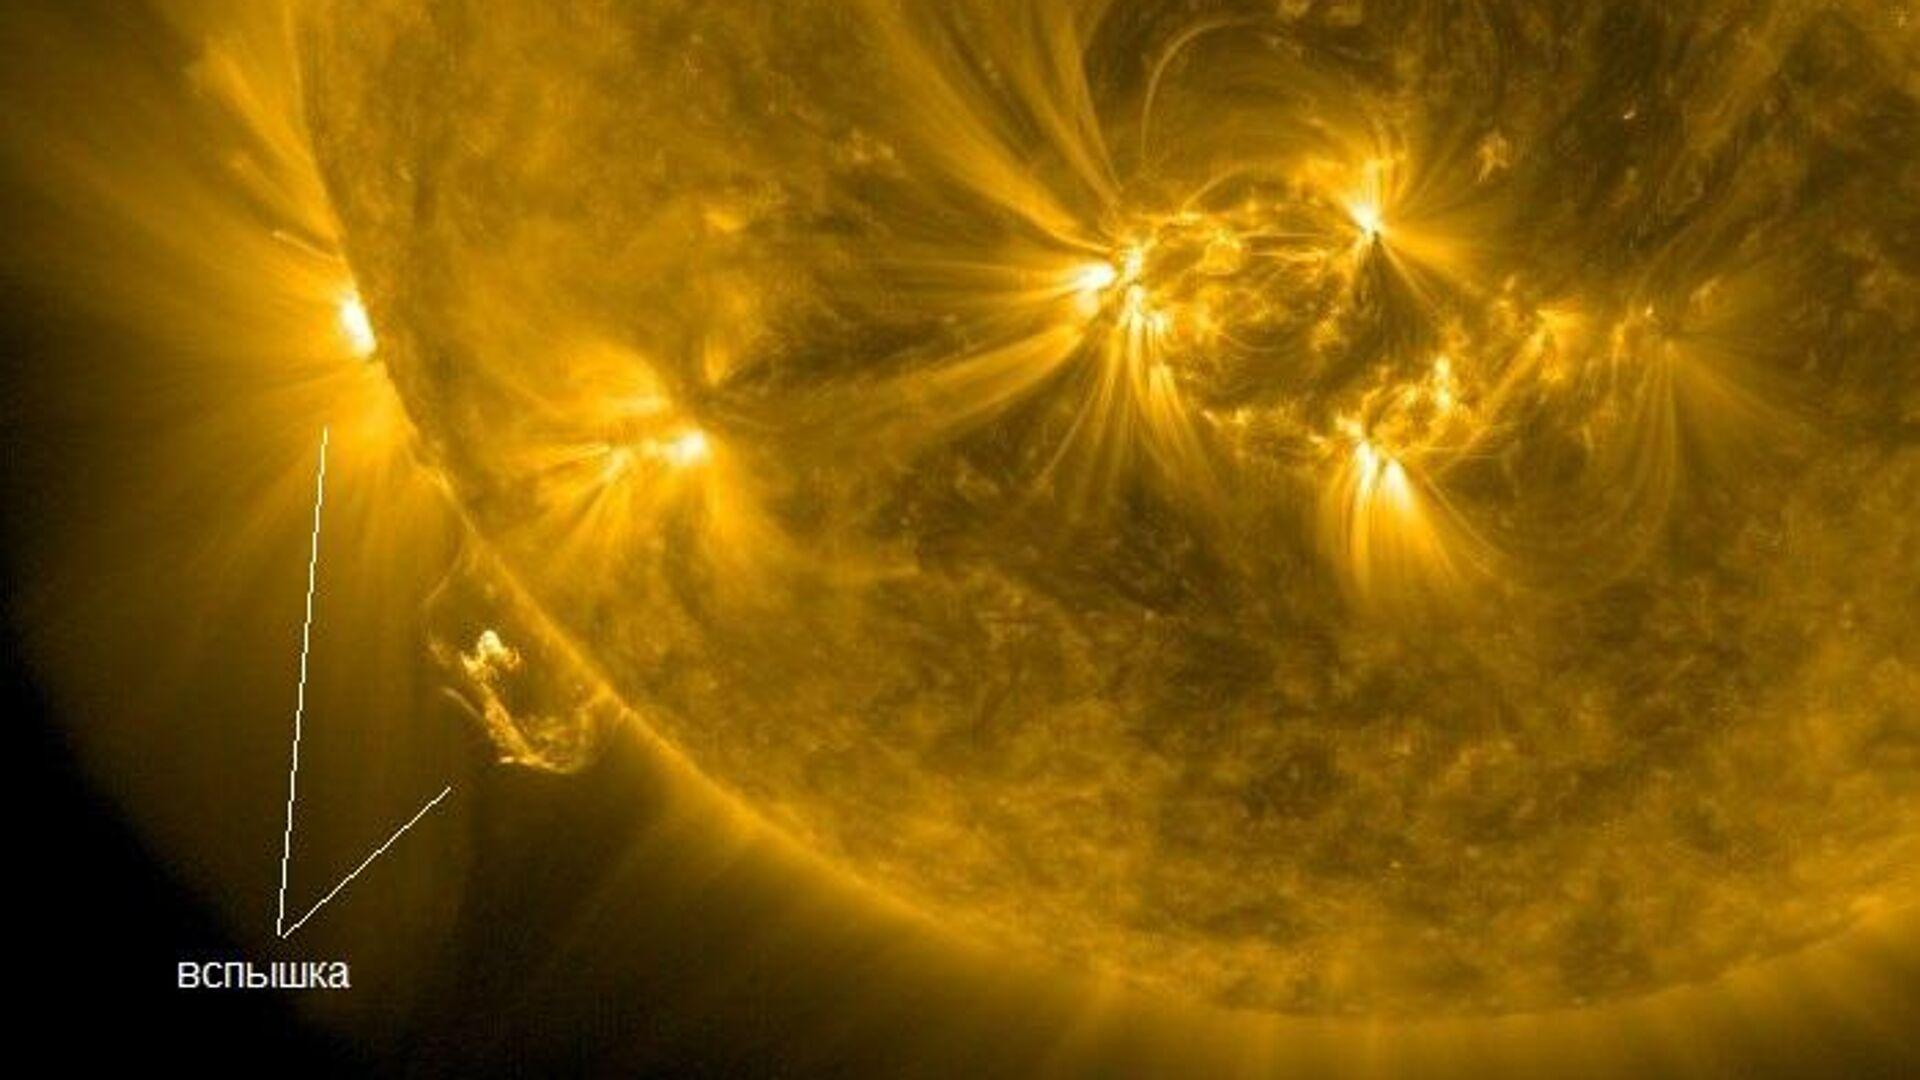 Солнечная вспышка 29 ноября 2020 года. Показаны высоко расположенные области вспышки, видимые из-за края диска - РИА Новости, 1920, 30.11.2020